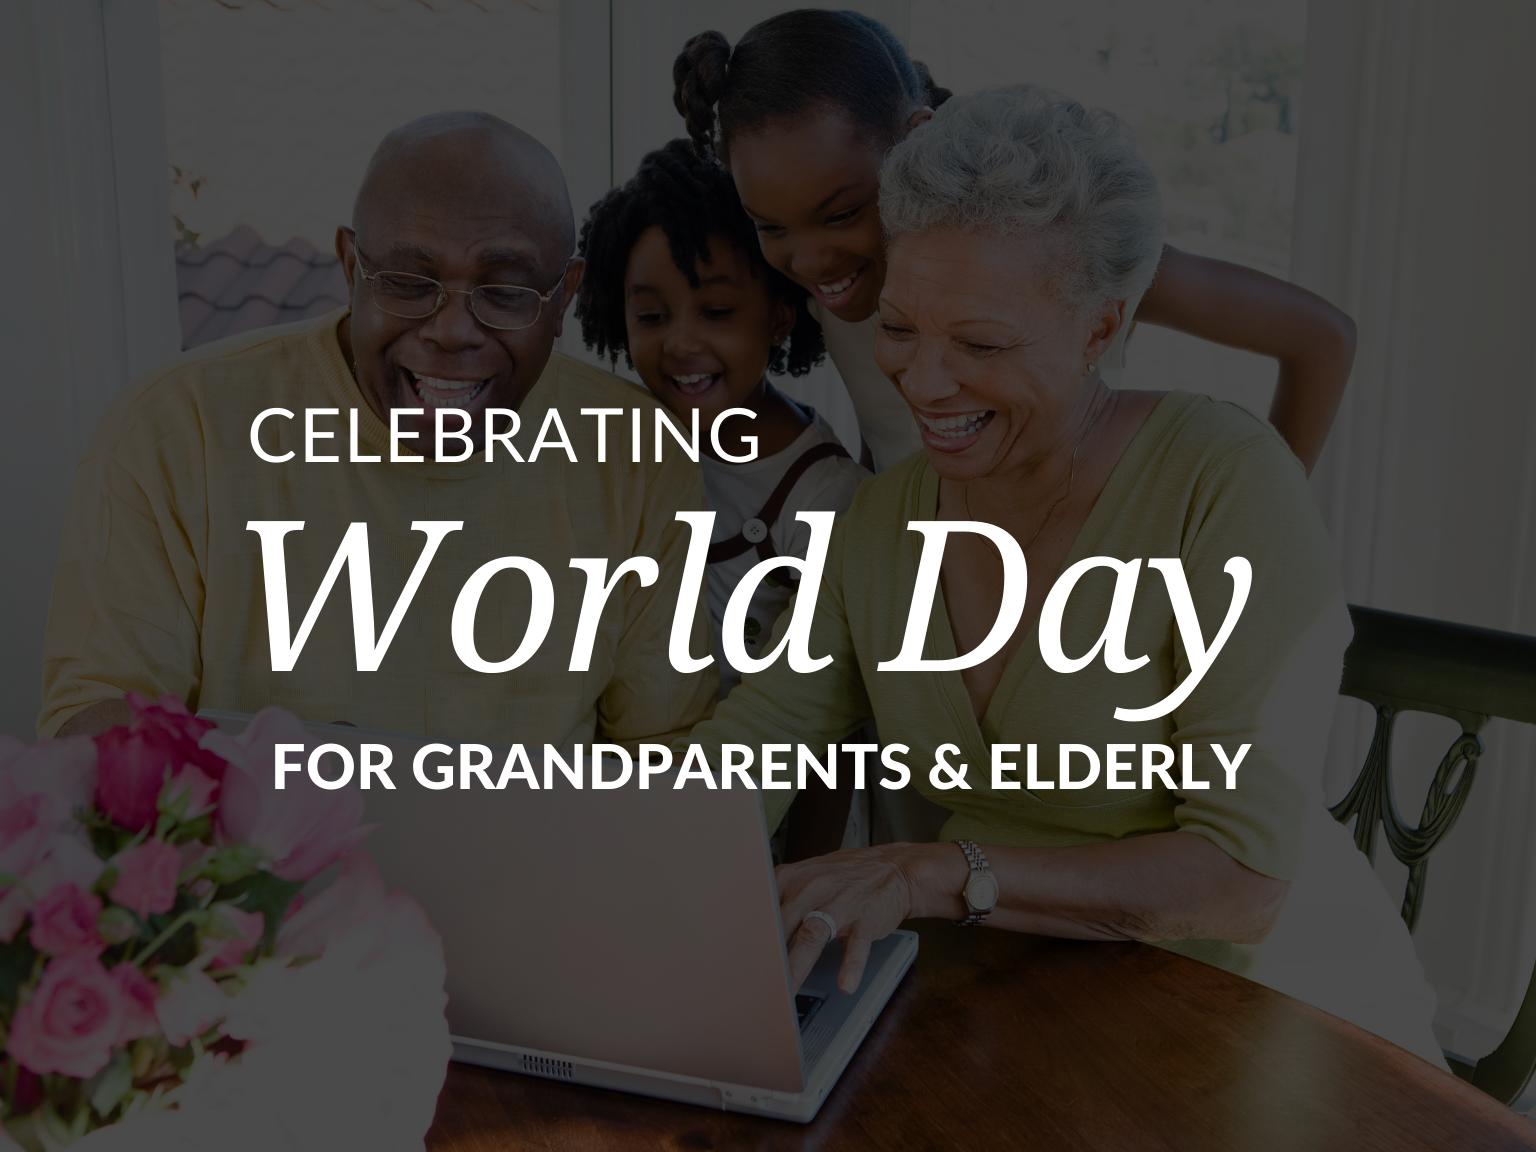 celebrating-world-day-for-grandparents-elderly